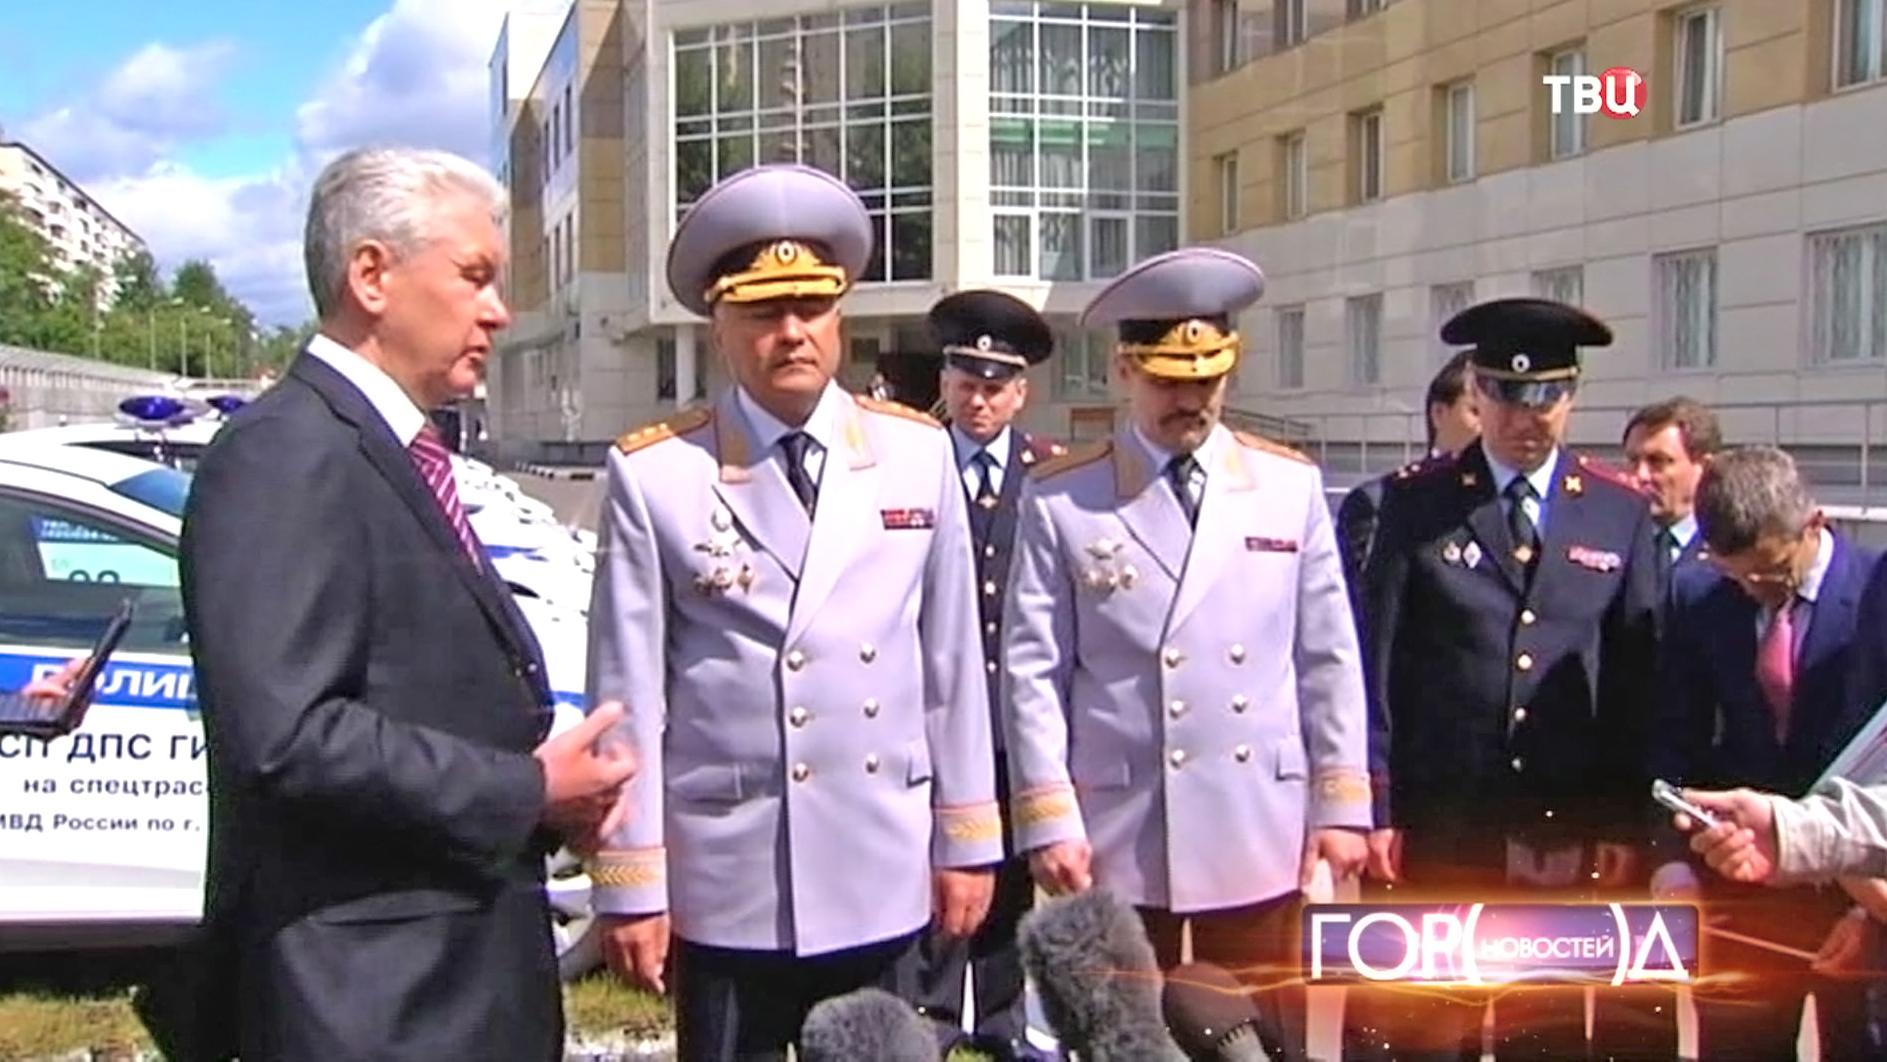 Сергей Собянин и сотрудники ДПС